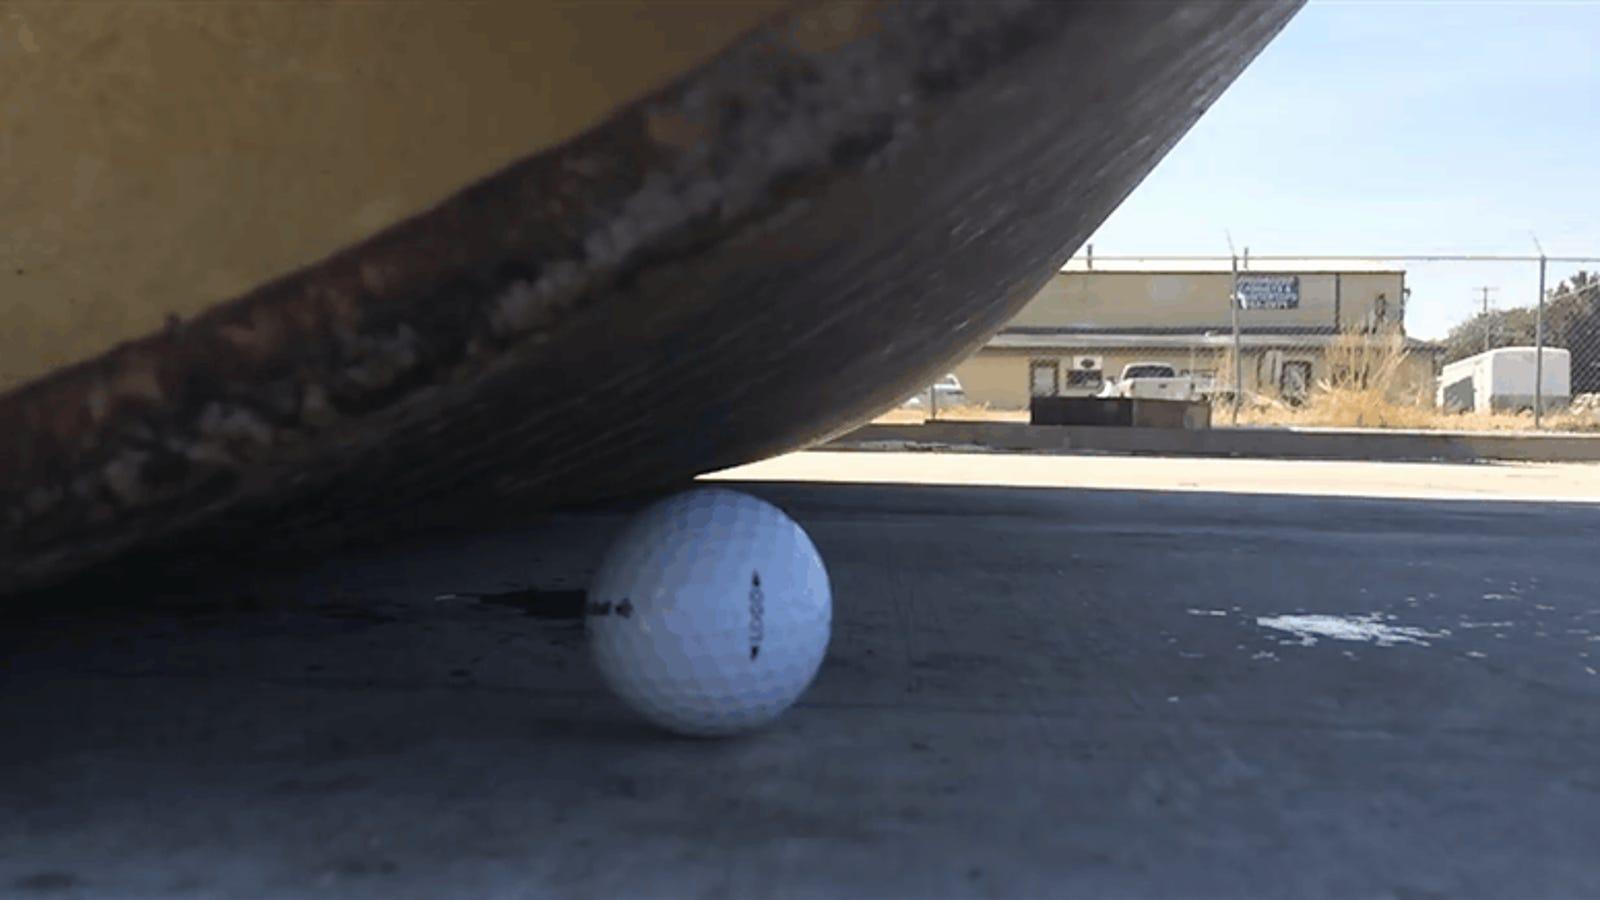 Las pelotas de golf son prácticamente indestructibles. Esta es la prueba